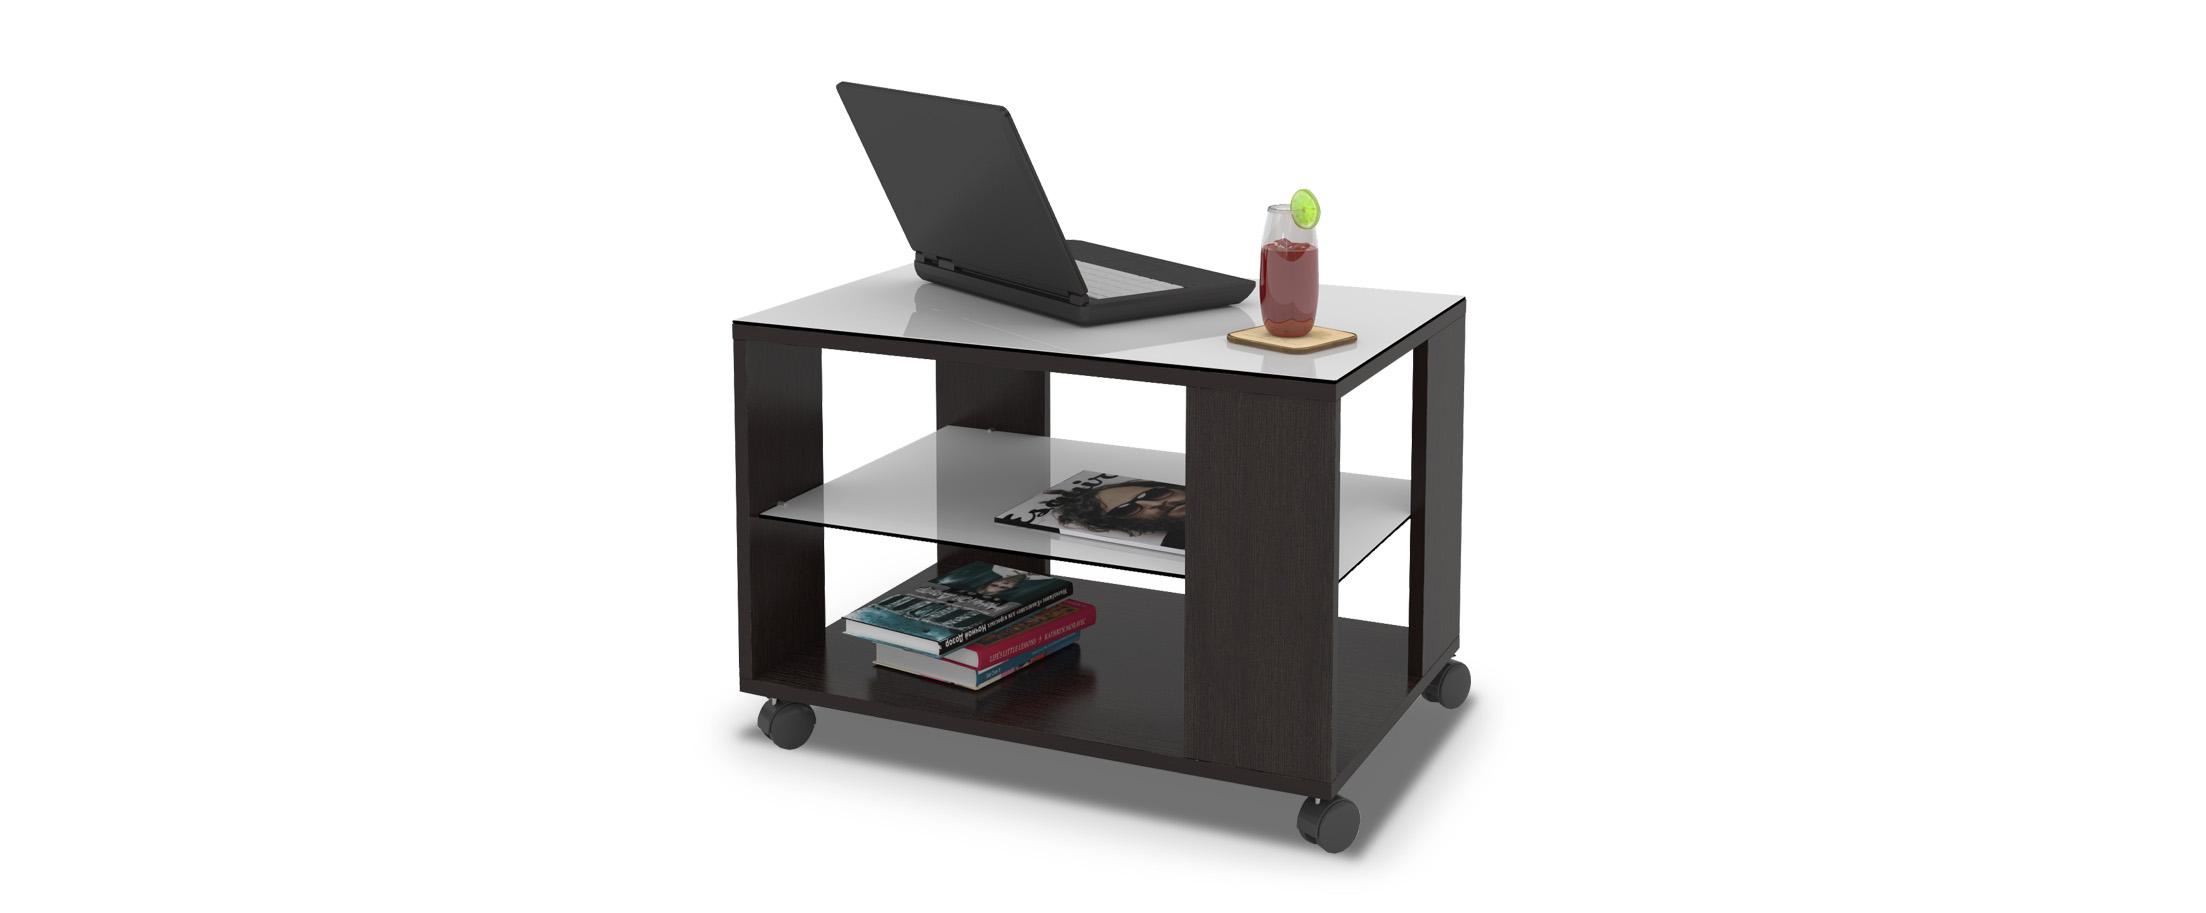 Журнальный стол Mayer 3 Модель 342Столешница из закалённого стекла выдерживает нагрузки до 45 кг. Не боится горячего, бытовой химии и не выгорает. Доставка от 1 дня. Купить в интернет-магазине MOON TRADE.<br>